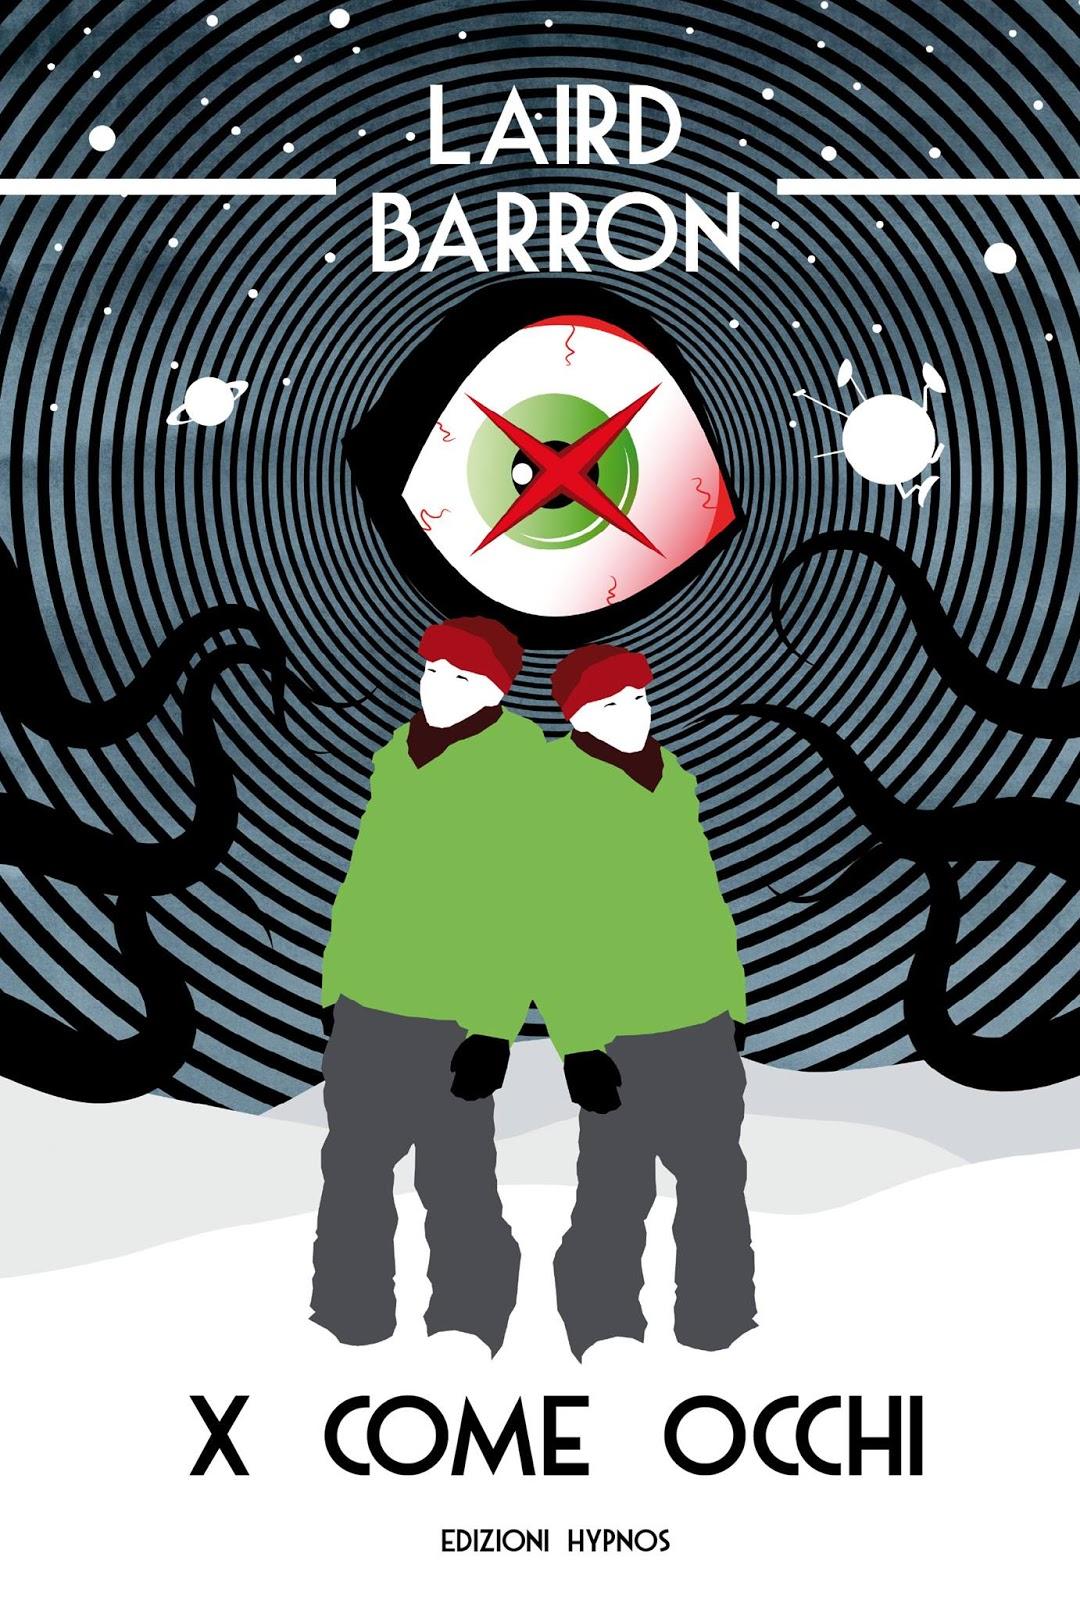 X come occhi, 2016, copertina